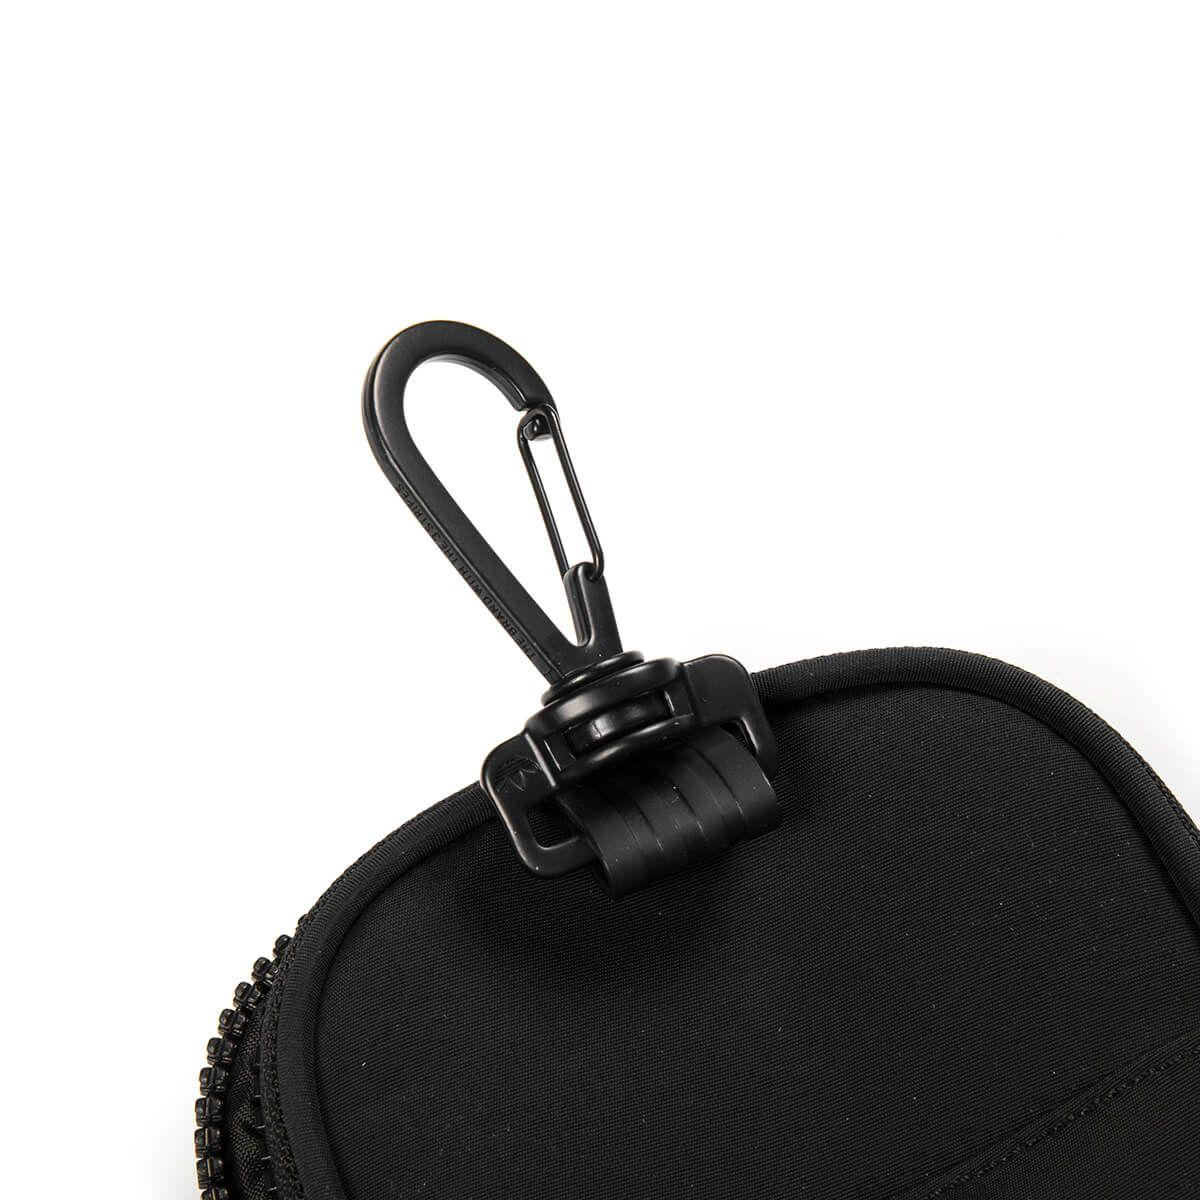 a0abf3f2b Adidas Originals Adidas Originals Nmd Pouch - Black - 10712465